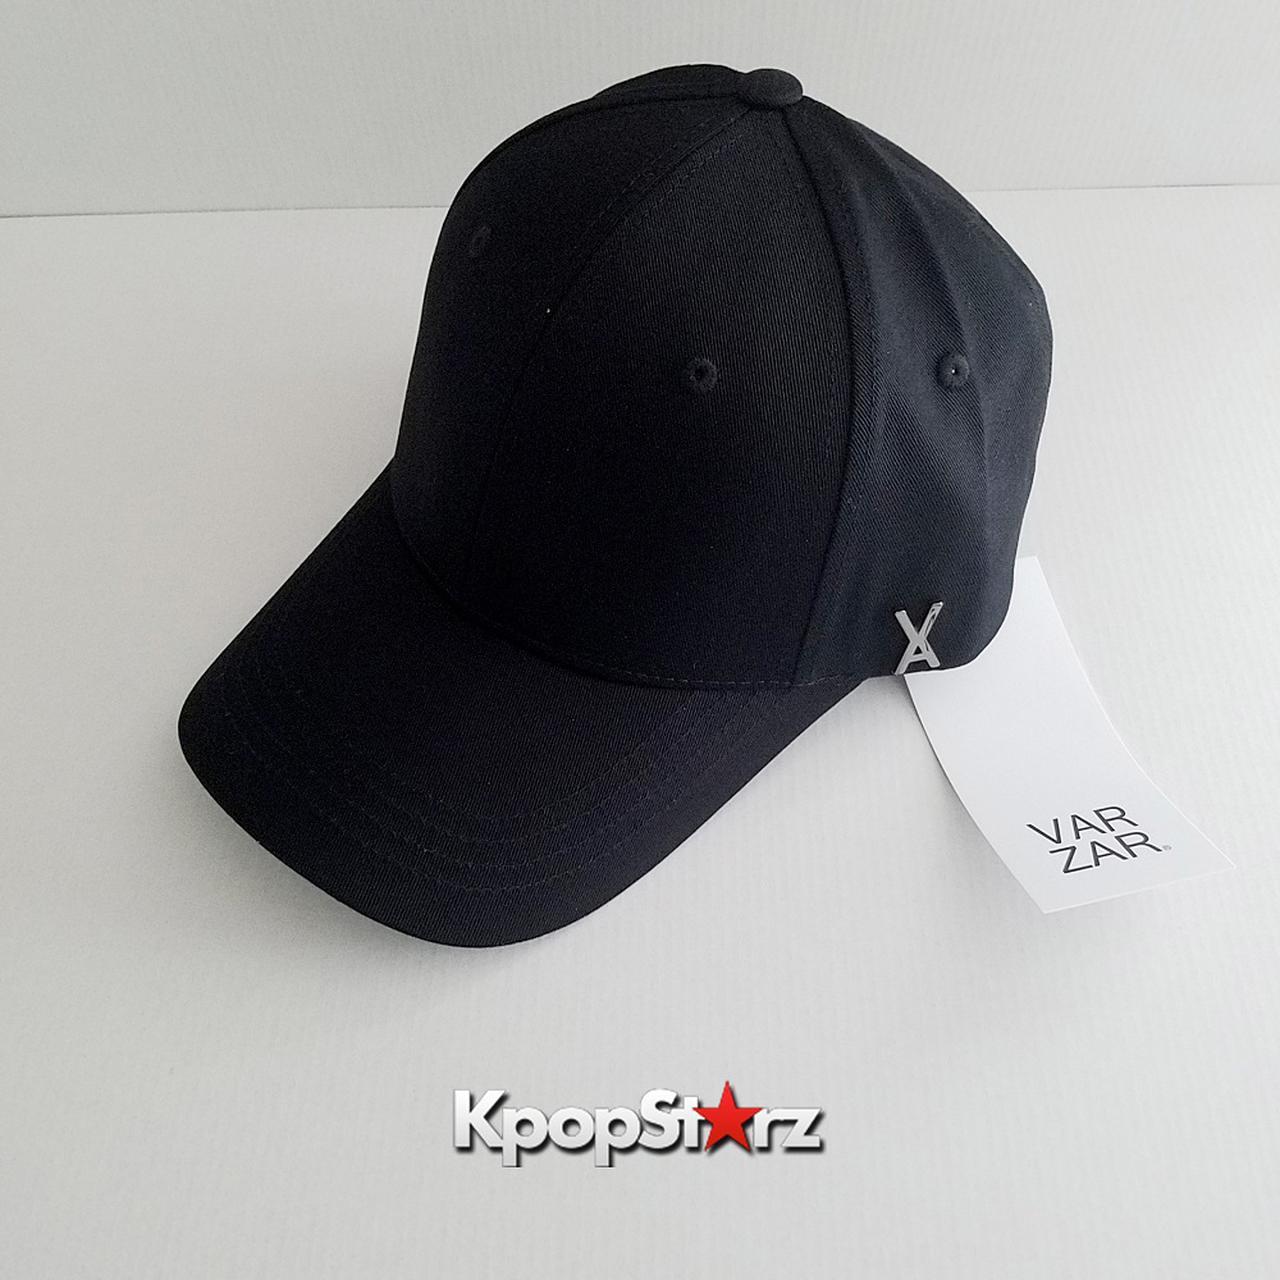 画像1: Kpopアイドルから絶大な支持!デイリーユースで大活躍する「VARZAR(バザール)」のキャップとバケットハット